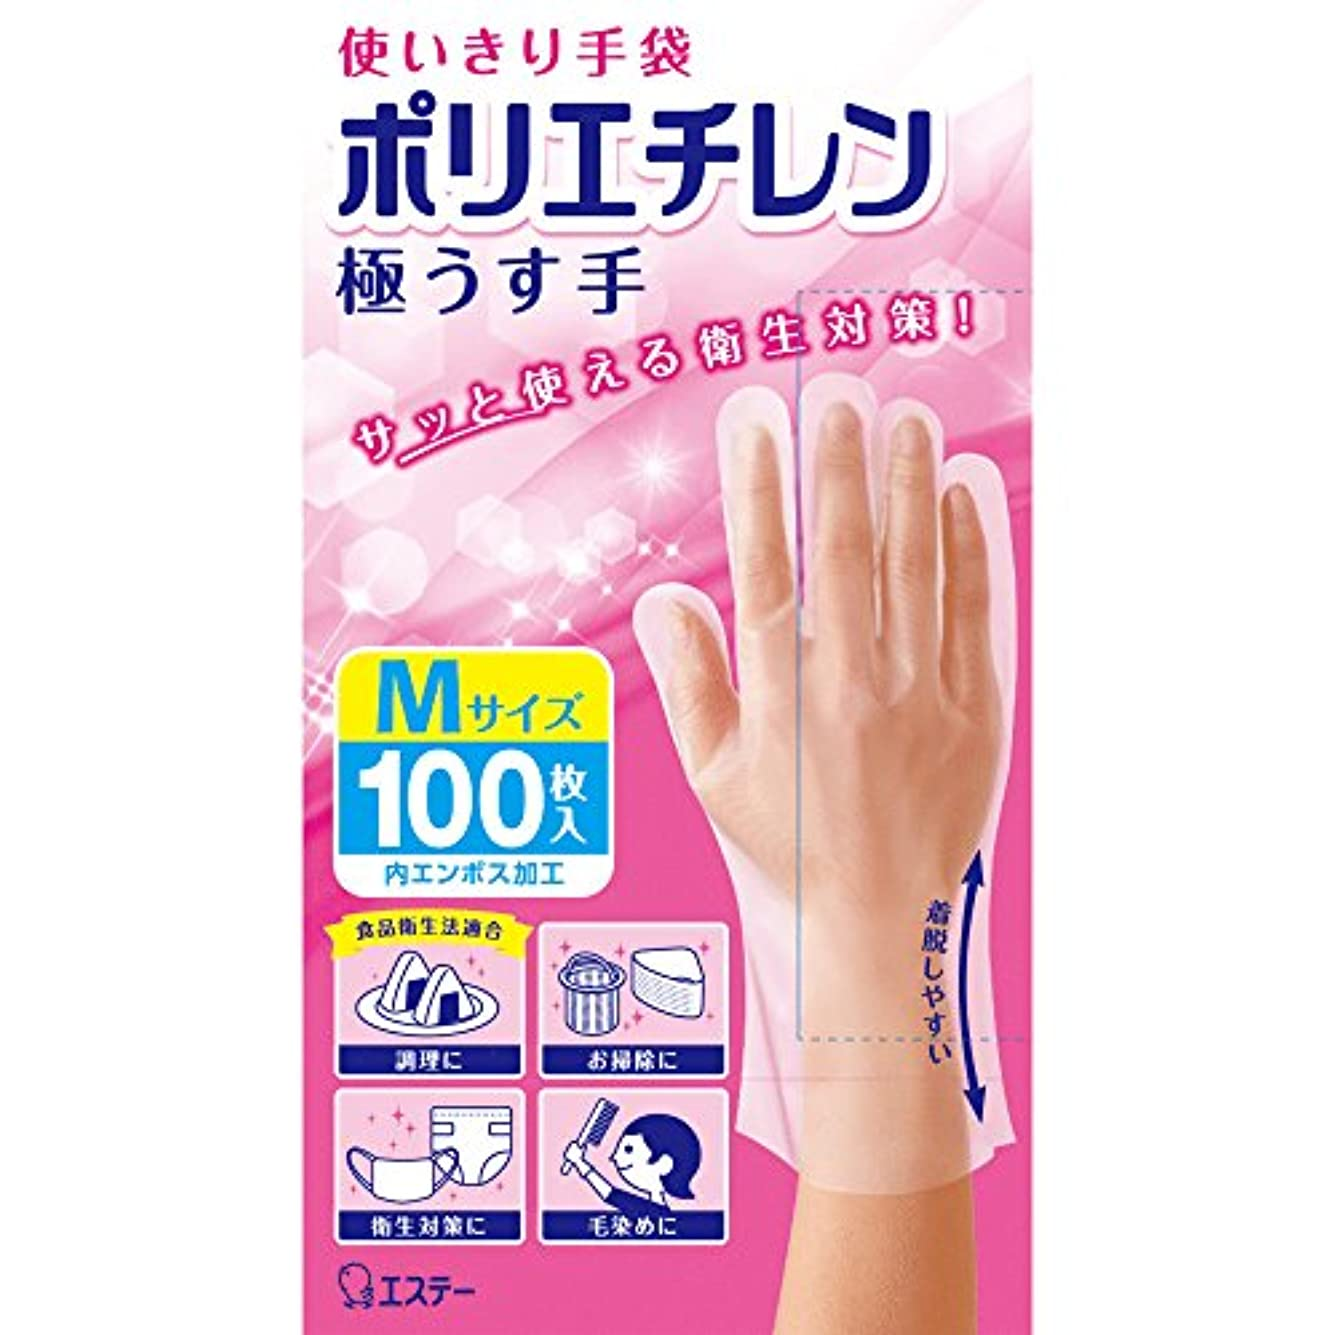 計画可能土使いきり手袋 ポリエチレン 極うす手 Mサイズ 半透明 100枚